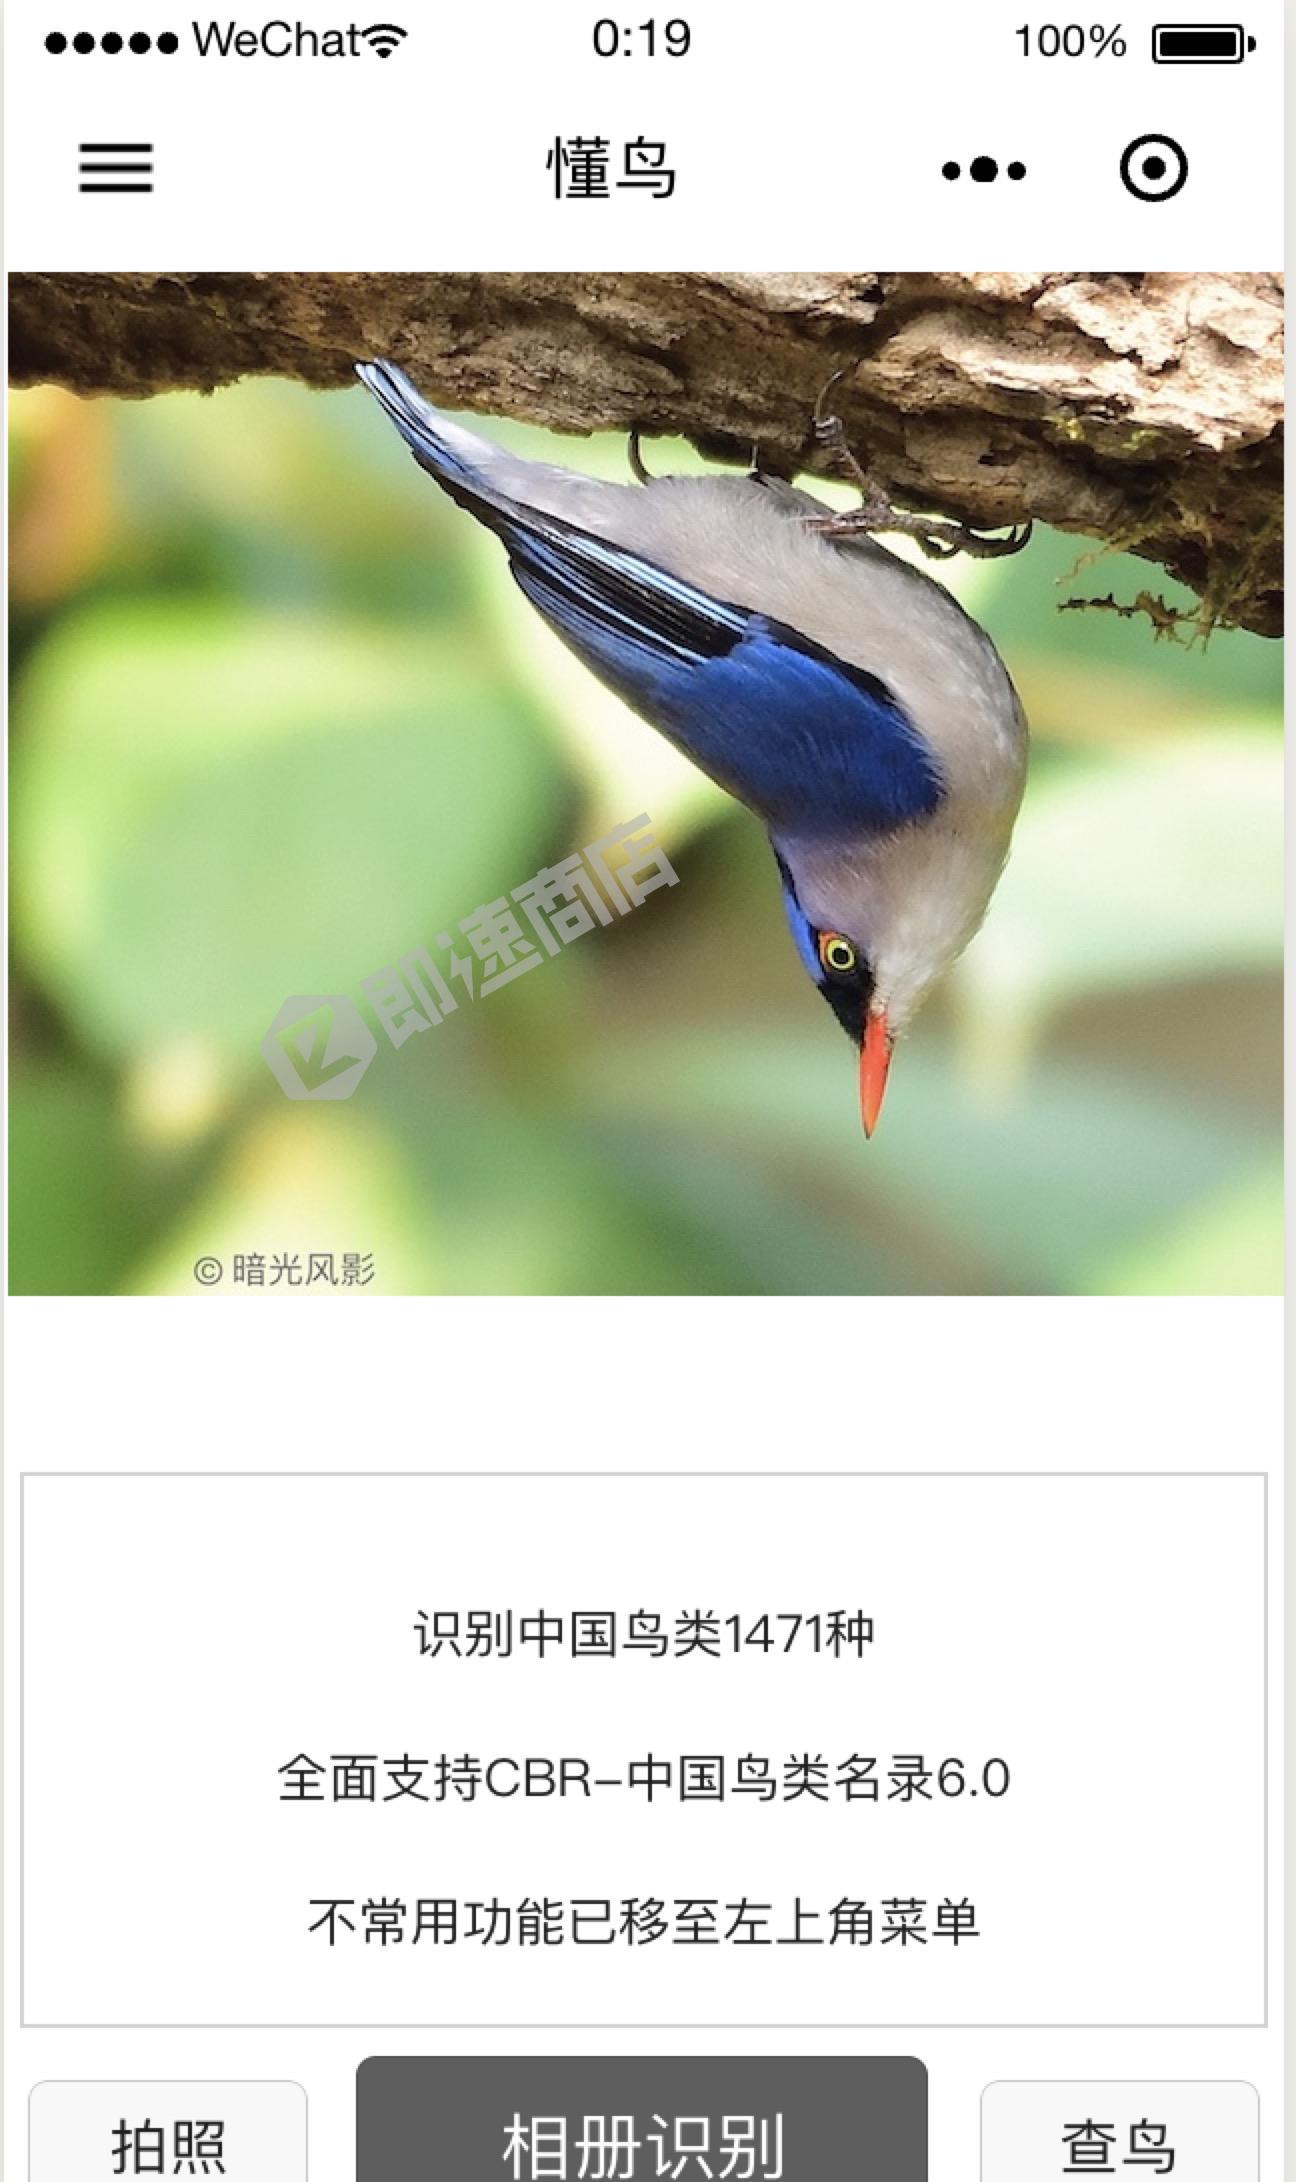 懂鸟小程序详情页截图1